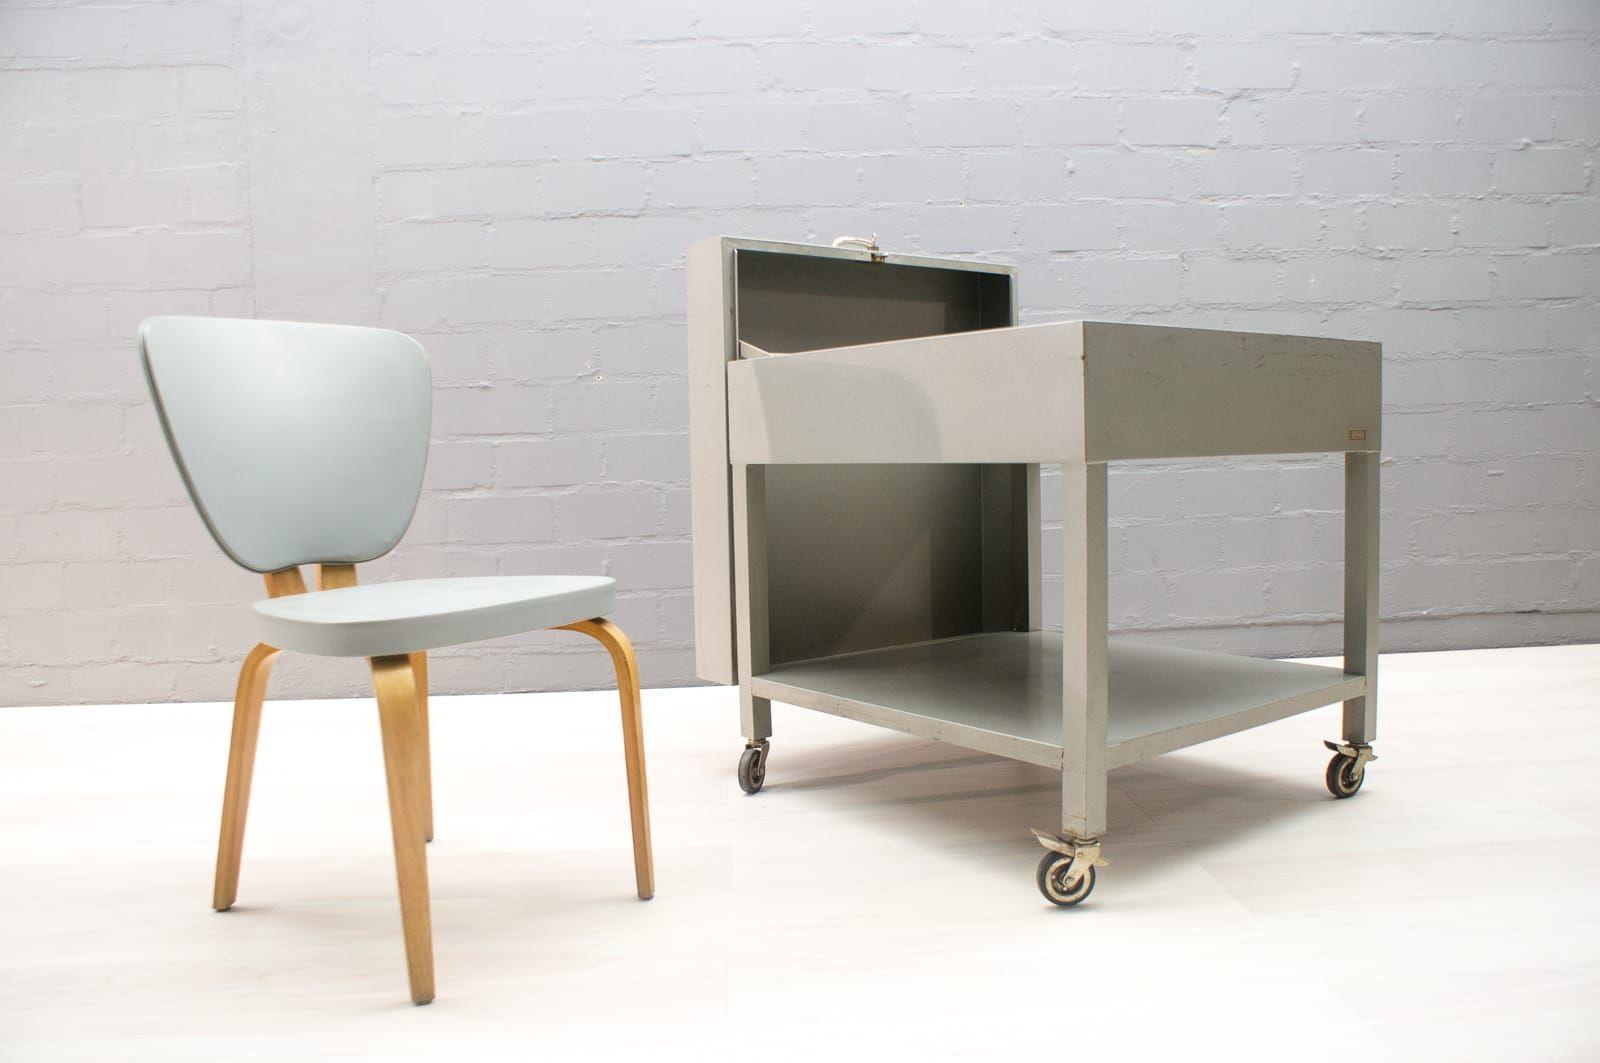 abschlie barer industrieller metall aktenschrank von fermata 1960er bei pamono kaufen. Black Bedroom Furniture Sets. Home Design Ideas